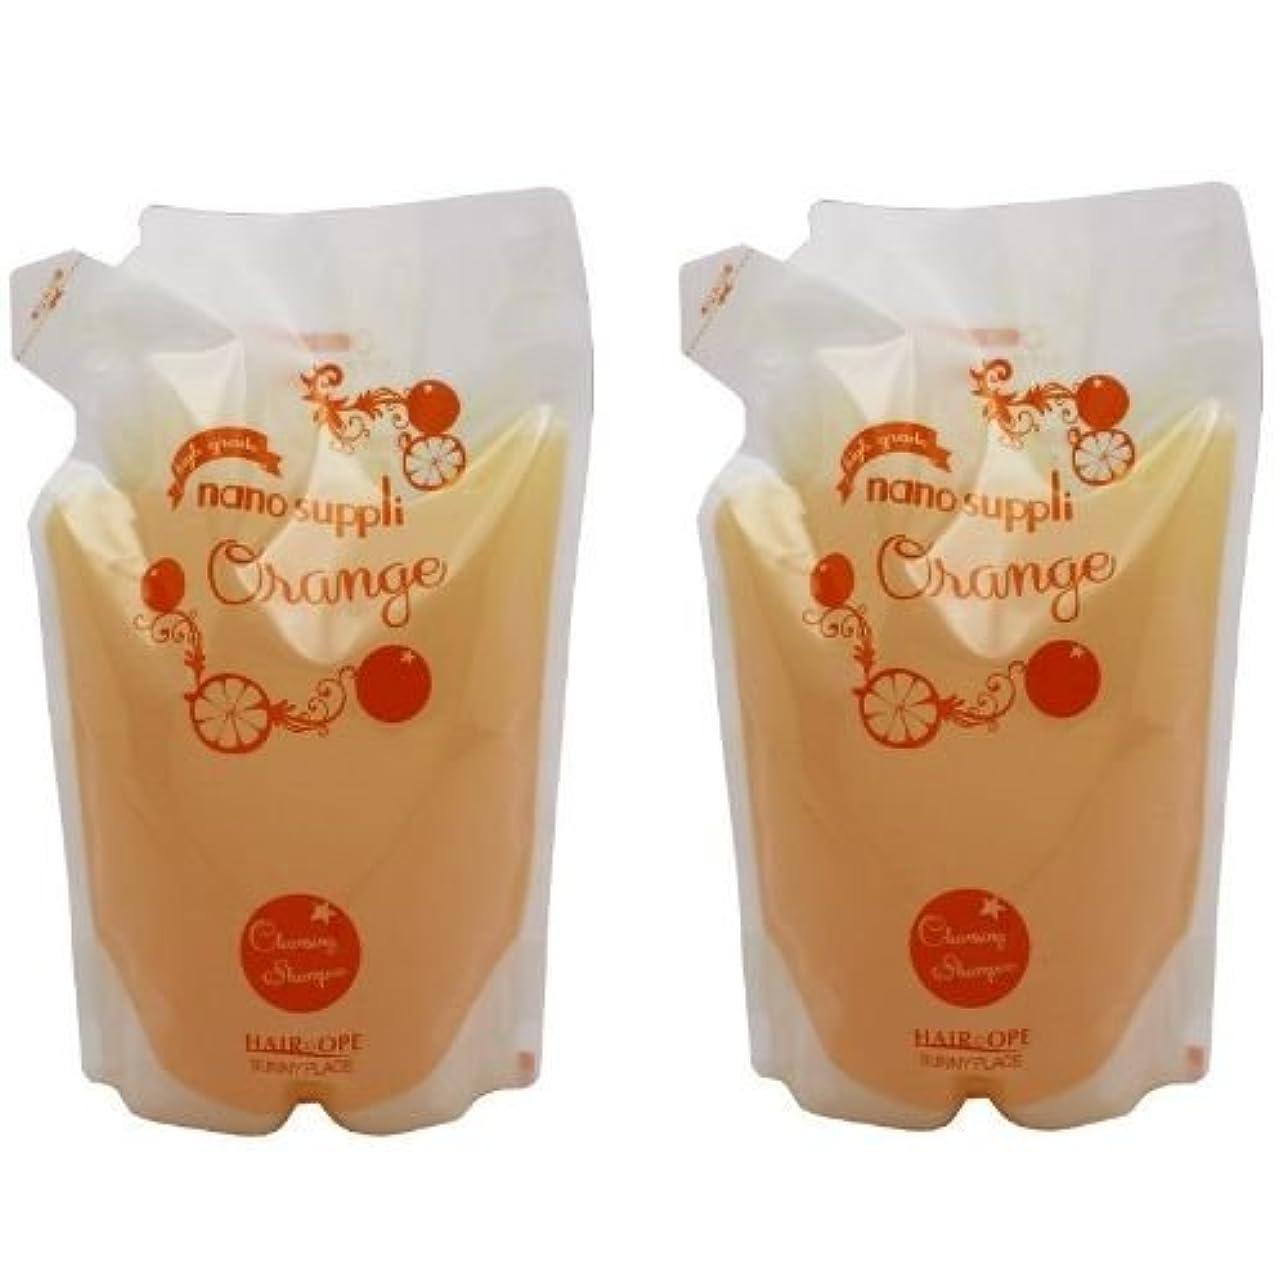 概してふつう食い違い【X2個セット】 サニープレイス ナノサプリ クレンジングシャンプー オレンジ 800ml 詰替え用